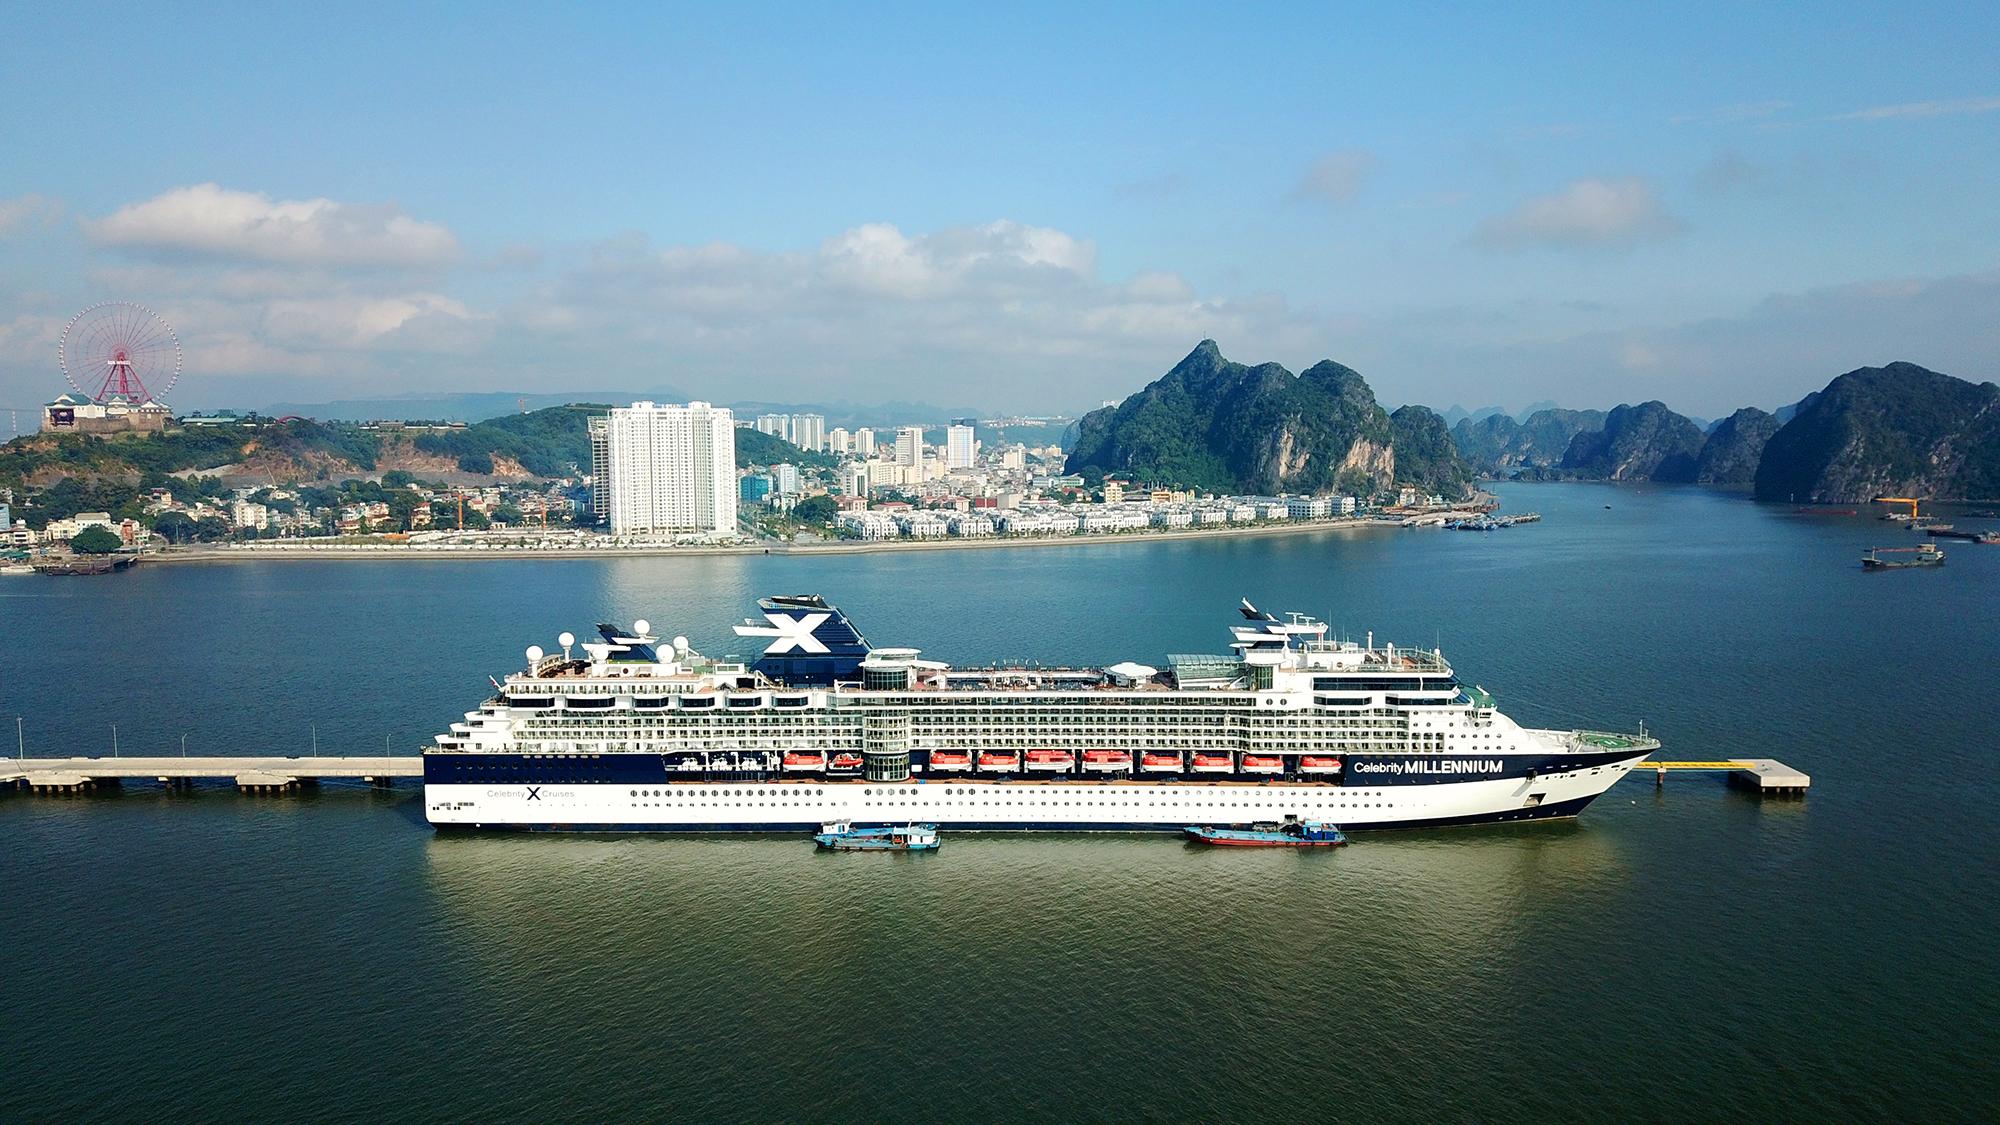 """""""Độc - lạ"""" như Cảng tàu khách hàng đầu châu Á bên vịnh Hạ Long  - Ảnh 9"""